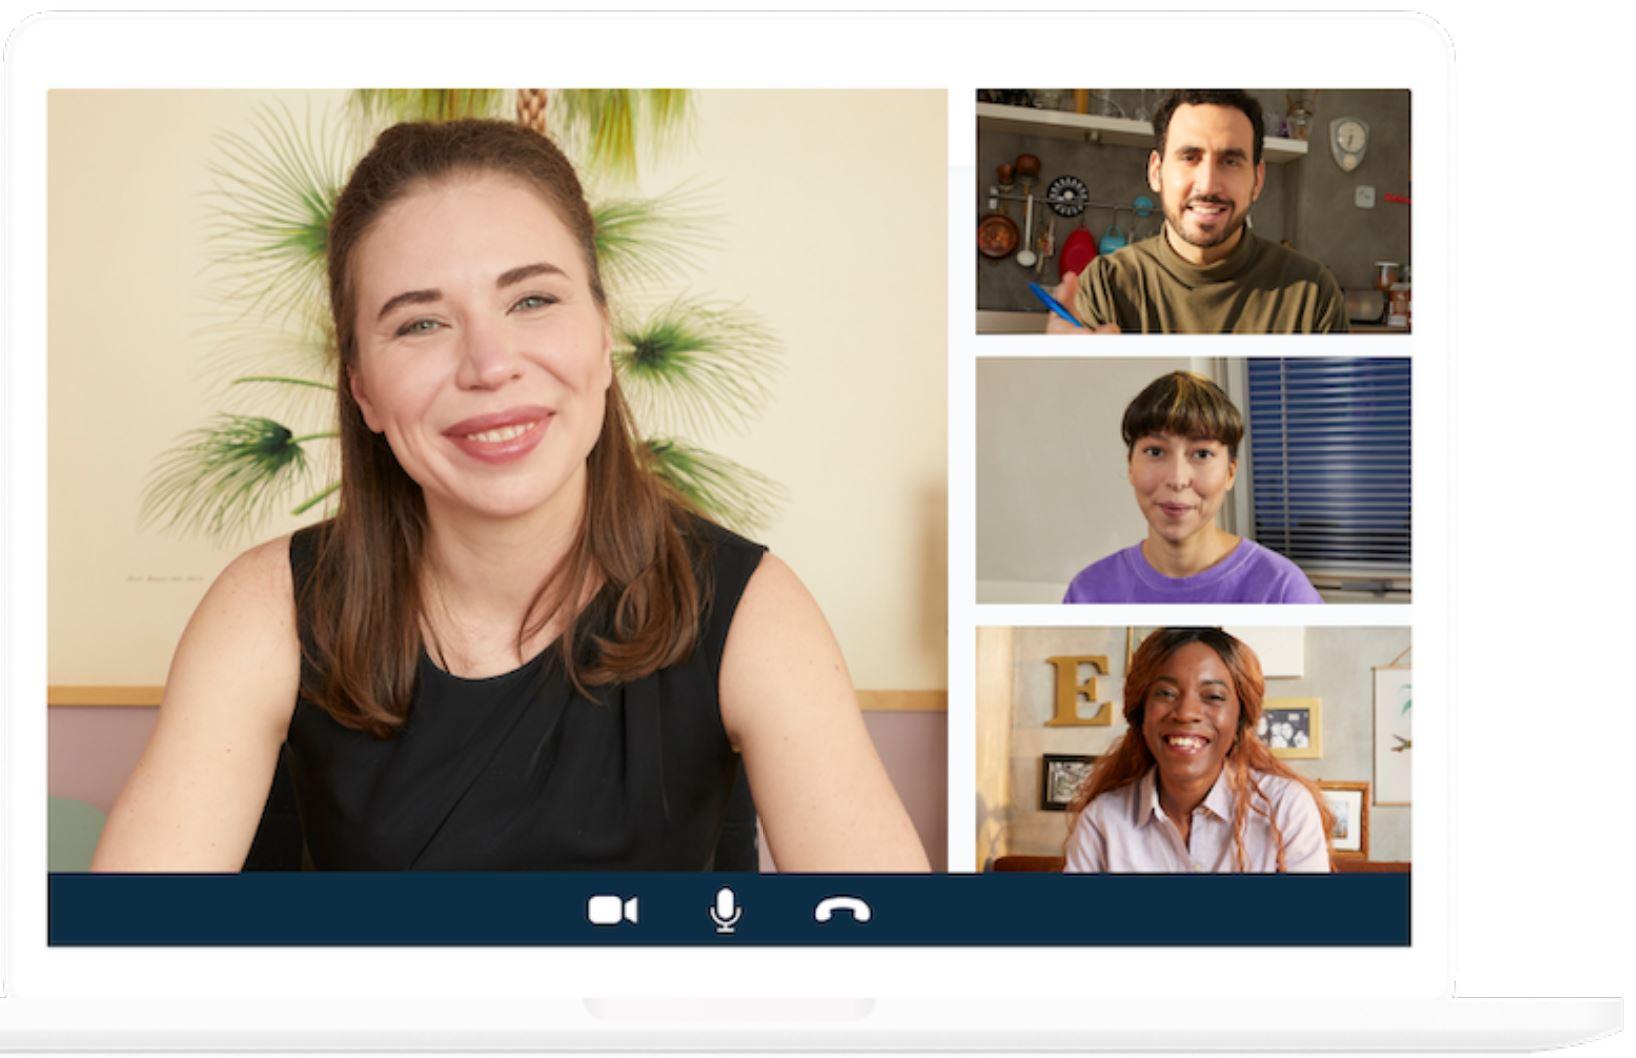 Le novità Babbel, l'app per imparare le lingue